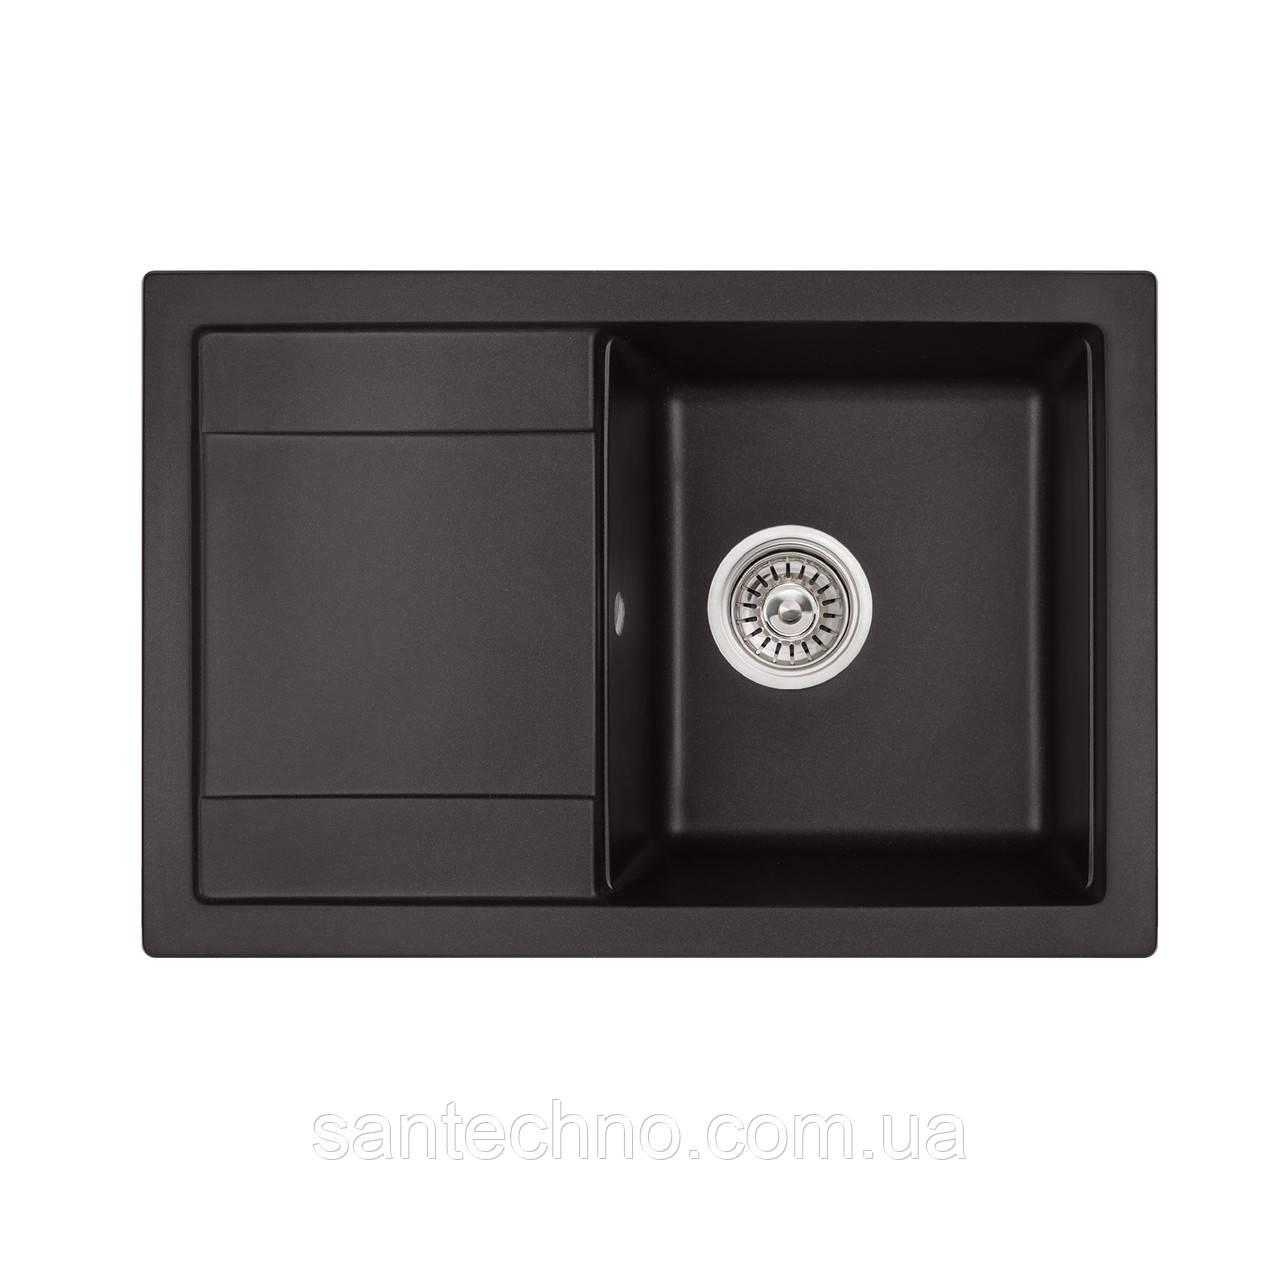 Кухонна мийка Qtap CS 7449 COF (QT7449COF551)